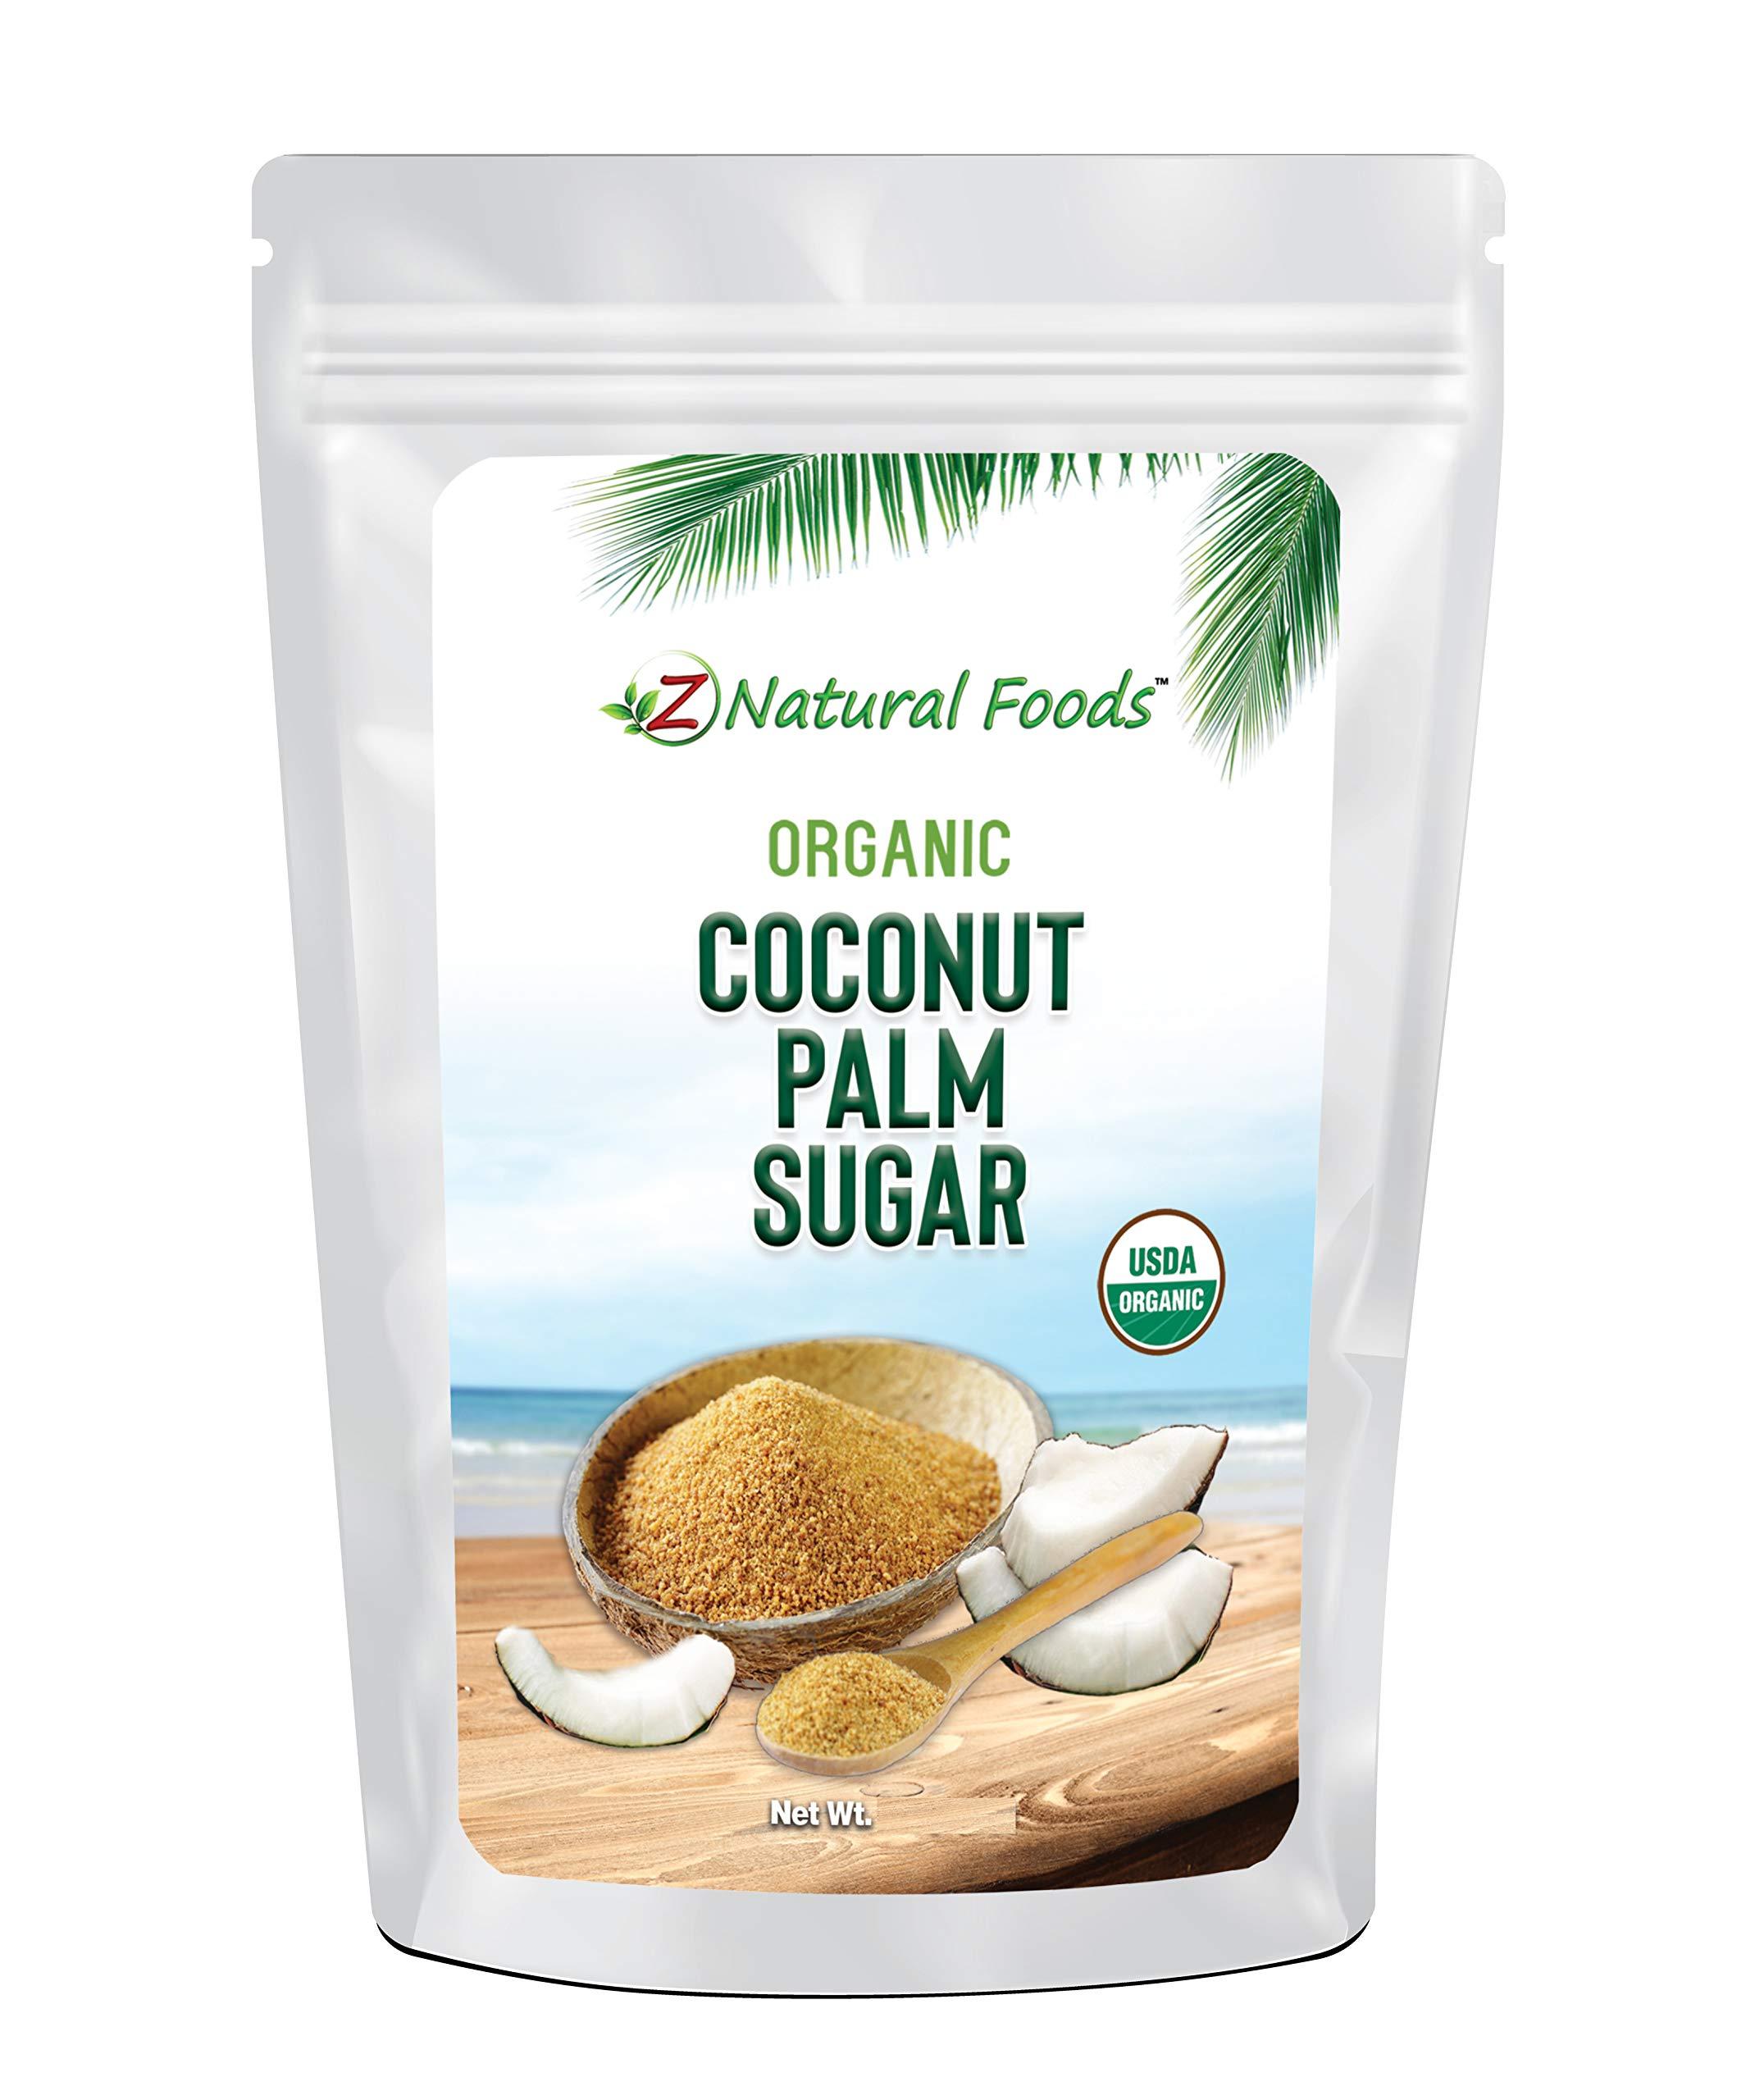 Organic Coconut Palm Sugar - Great For Desserts, Baking, Coffee, Tea, Oatmeal, & More - Unrefined, Vegan, Gluten Free, Non GMO, & Kosher - 3 lb